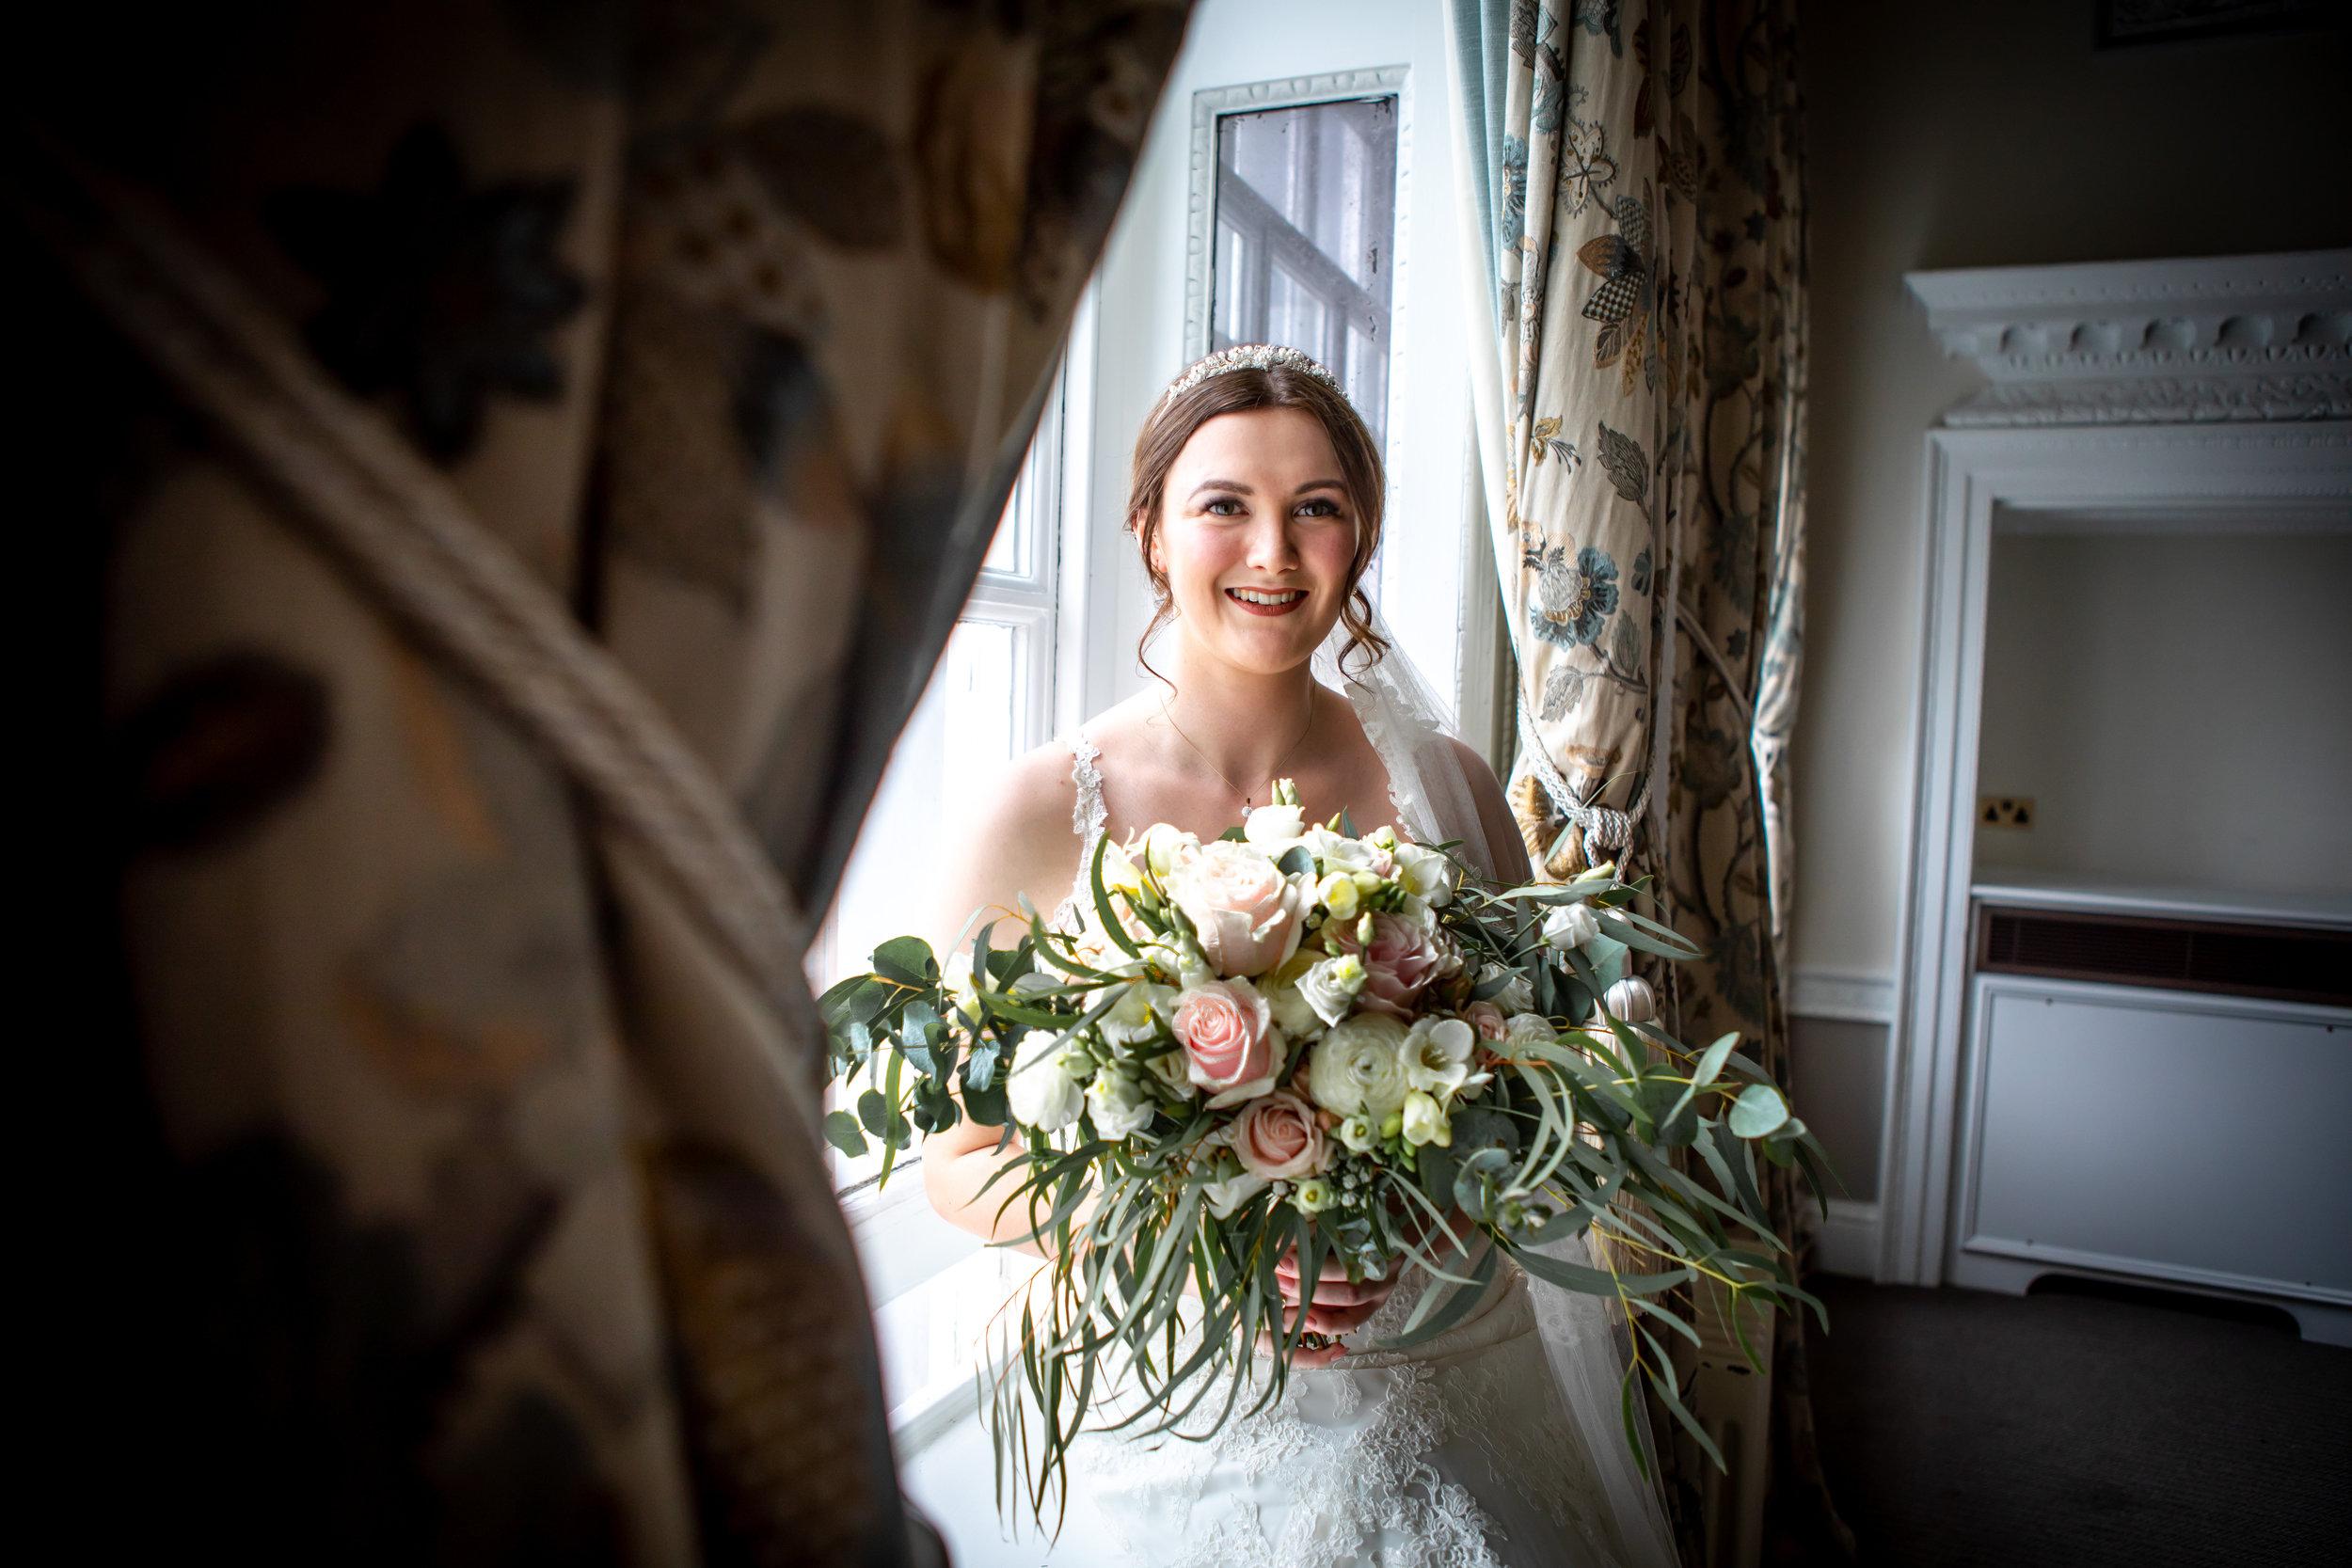 Photography by Debbie Sanderson -  http://www.debbiesandersonweddingphotography.co.uk/